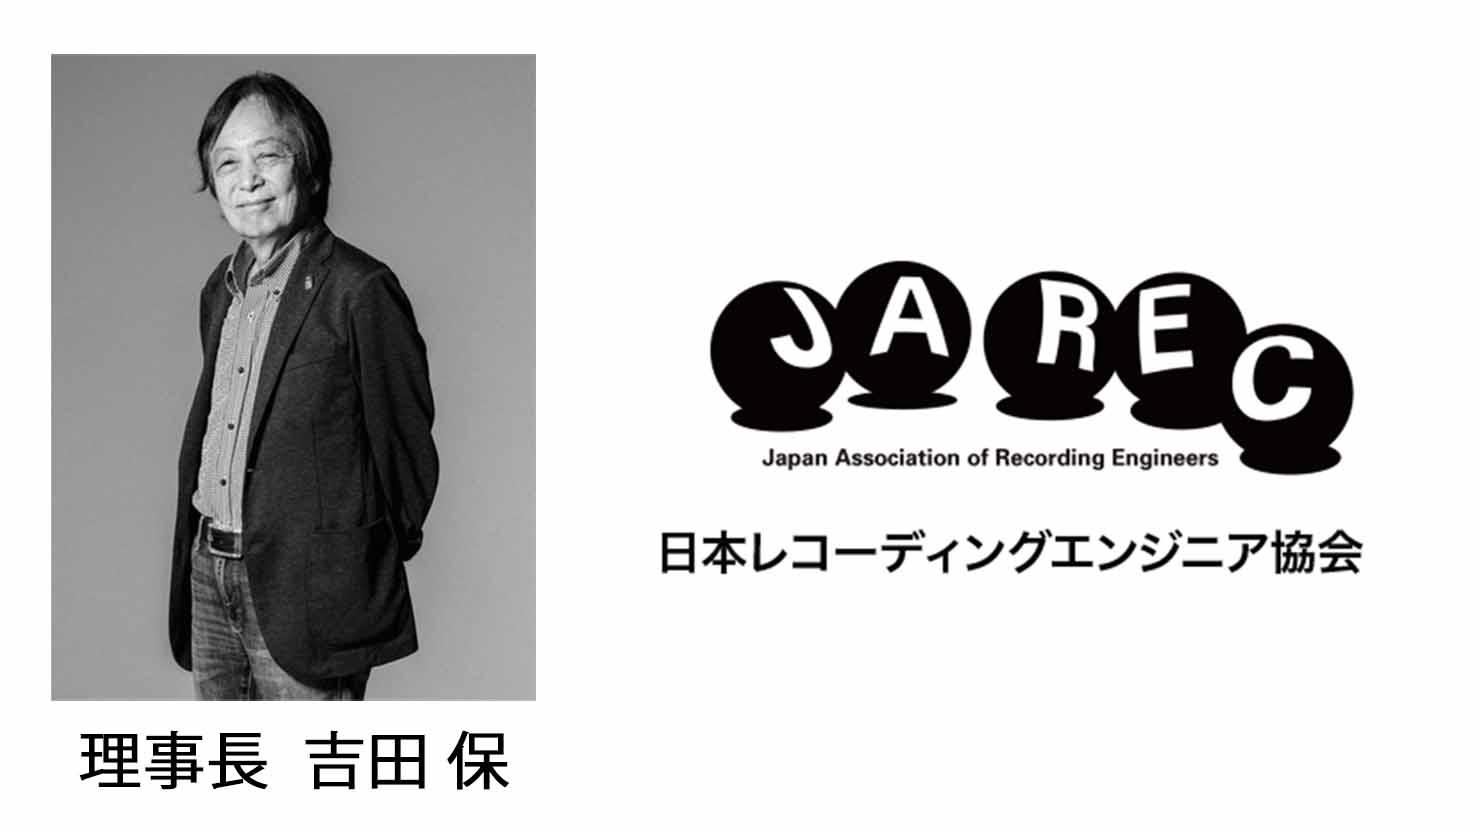 JAREC-Tamotsu-Yoshida-1